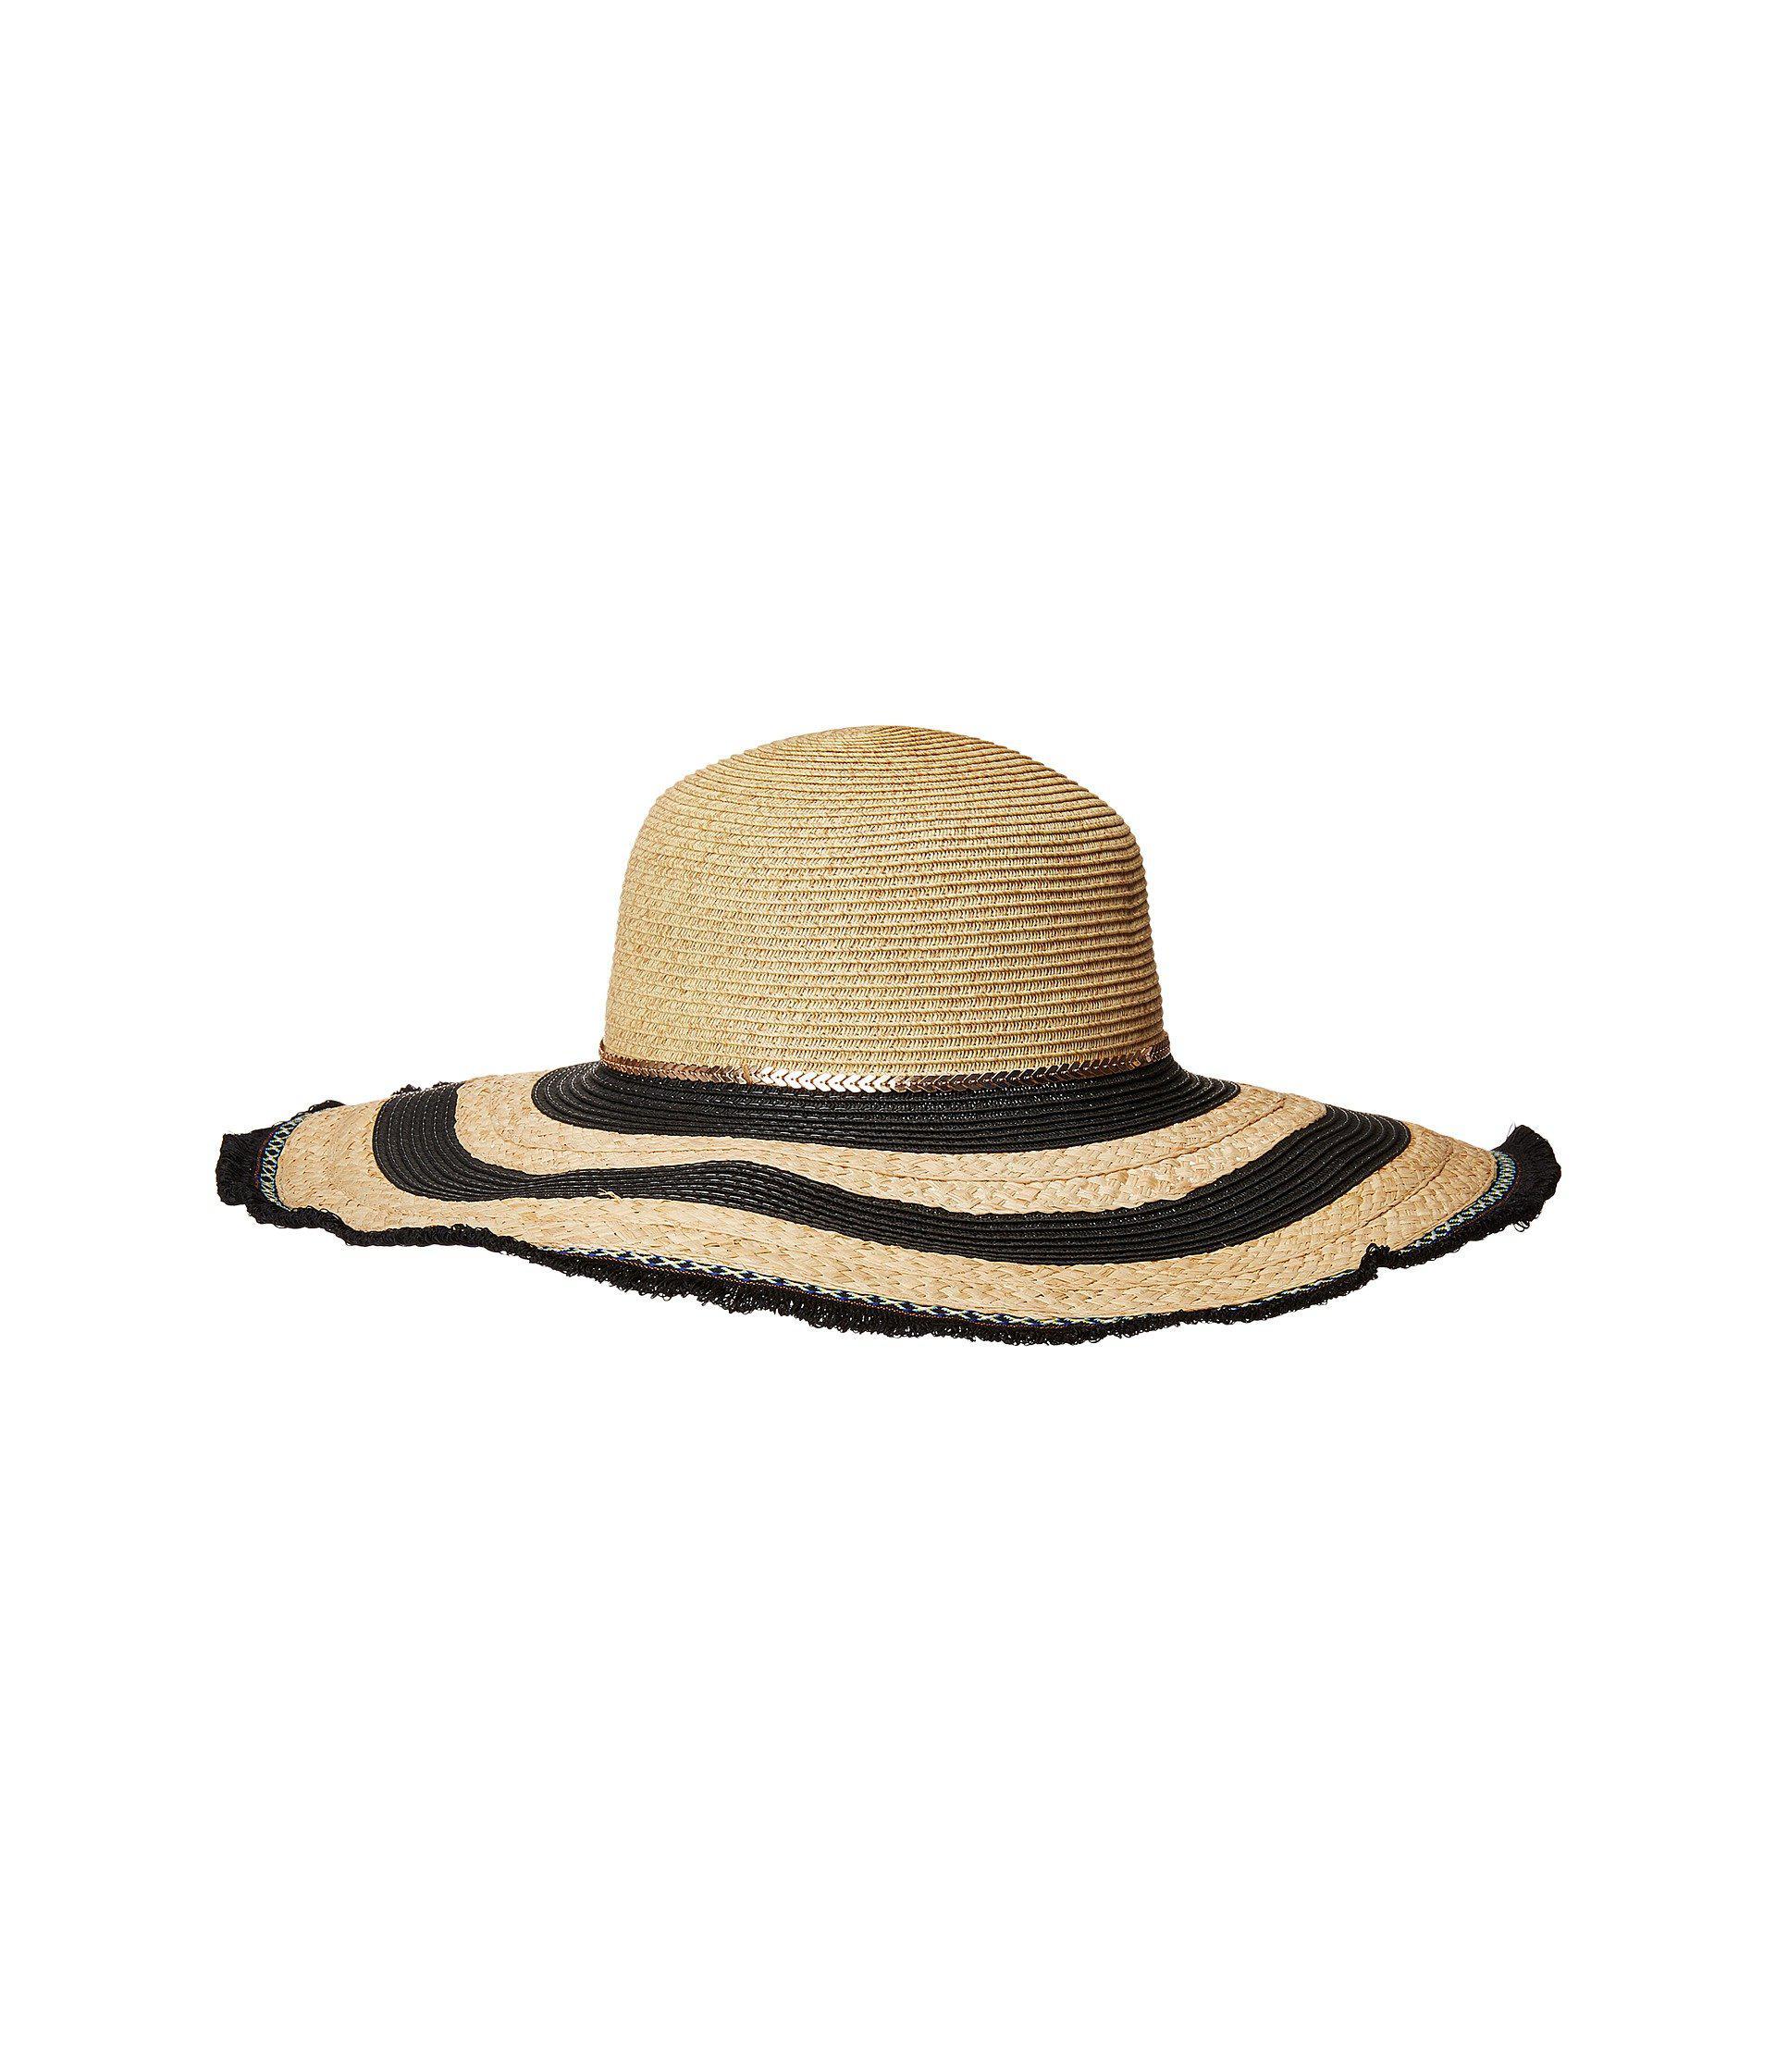 Lyst - San Diego Hat Company Ubl6802os Ultrabraid raffia Braid ... 1c471fd5267c